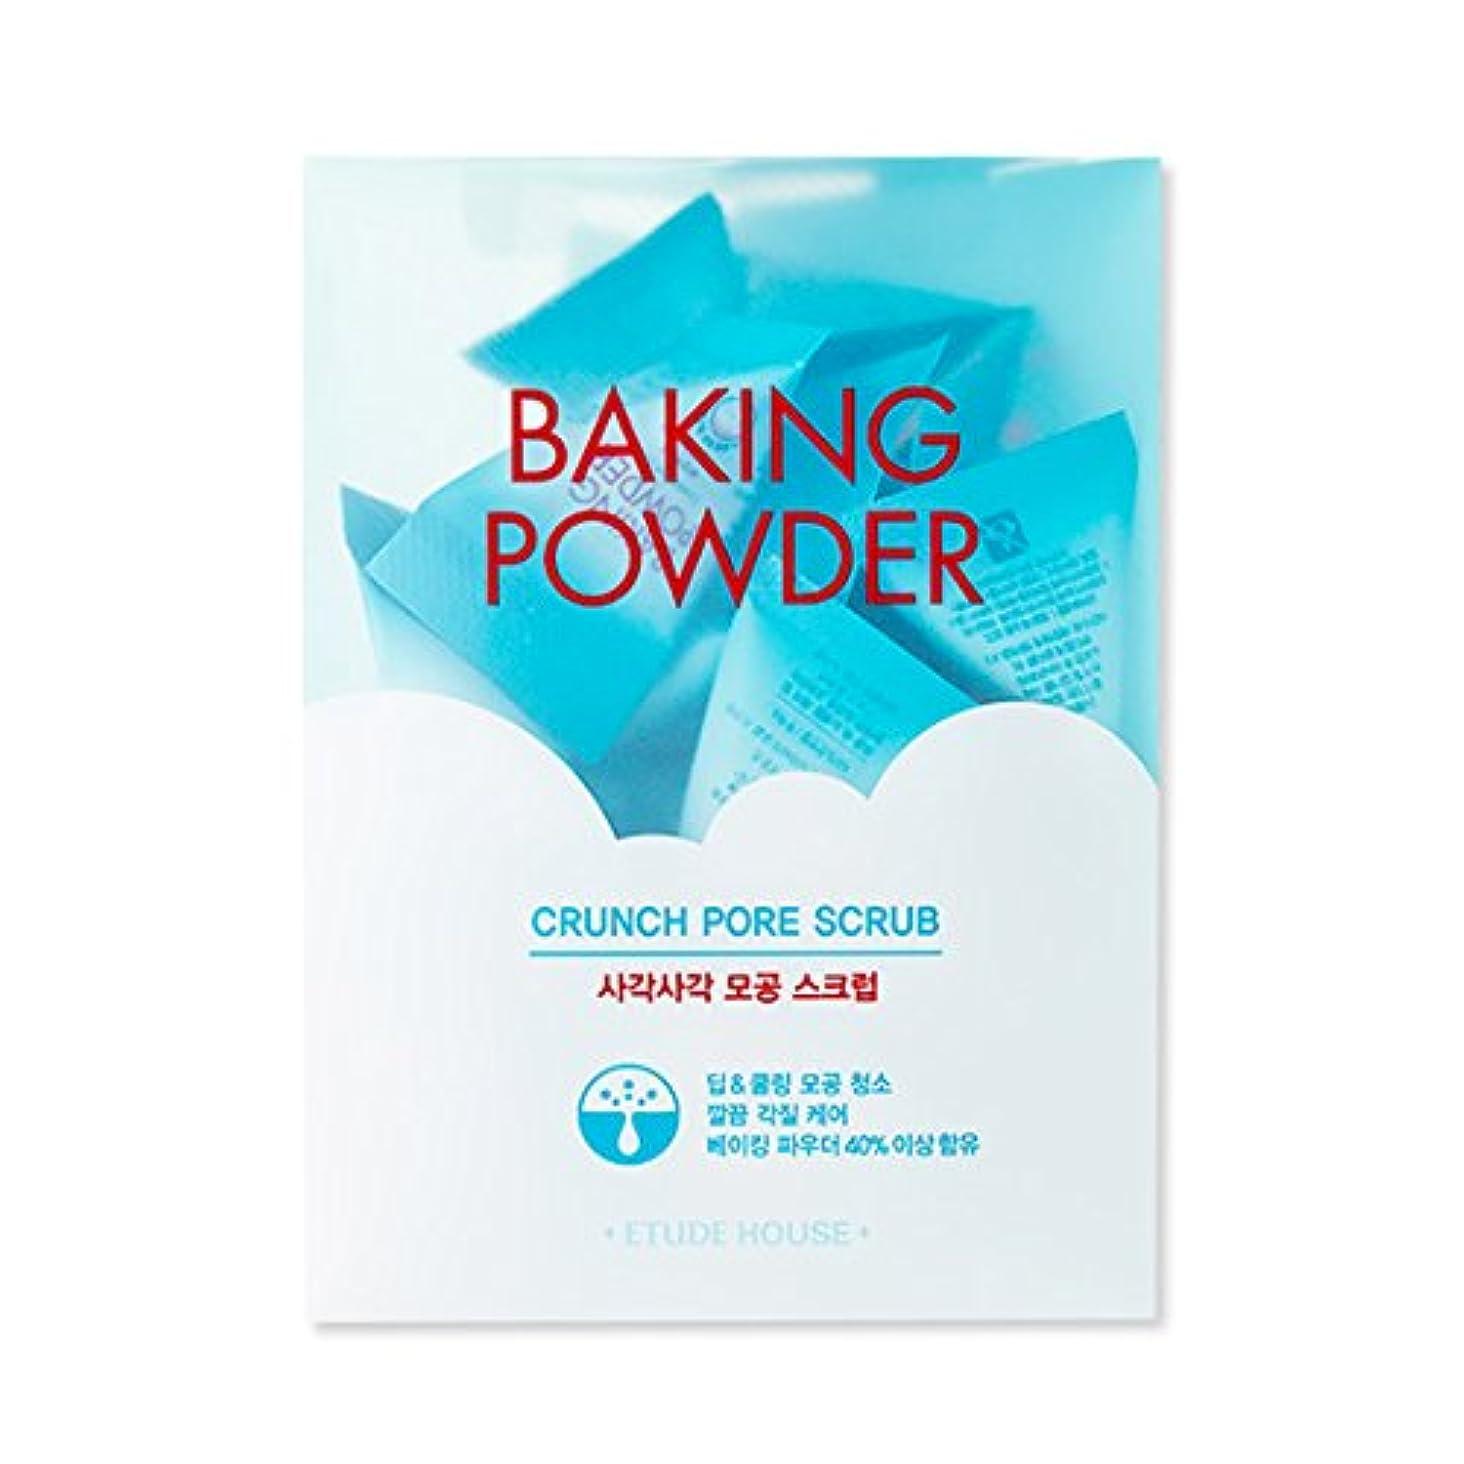 指定する数字取り戻す[2016 Upgrade!] ETUDE HOUSE Baking Powder Crunch Pore Scrub 7g×24ea/エチュードハウス ベーキング パウダー クランチ ポア スクラブ 7g×24ea [...